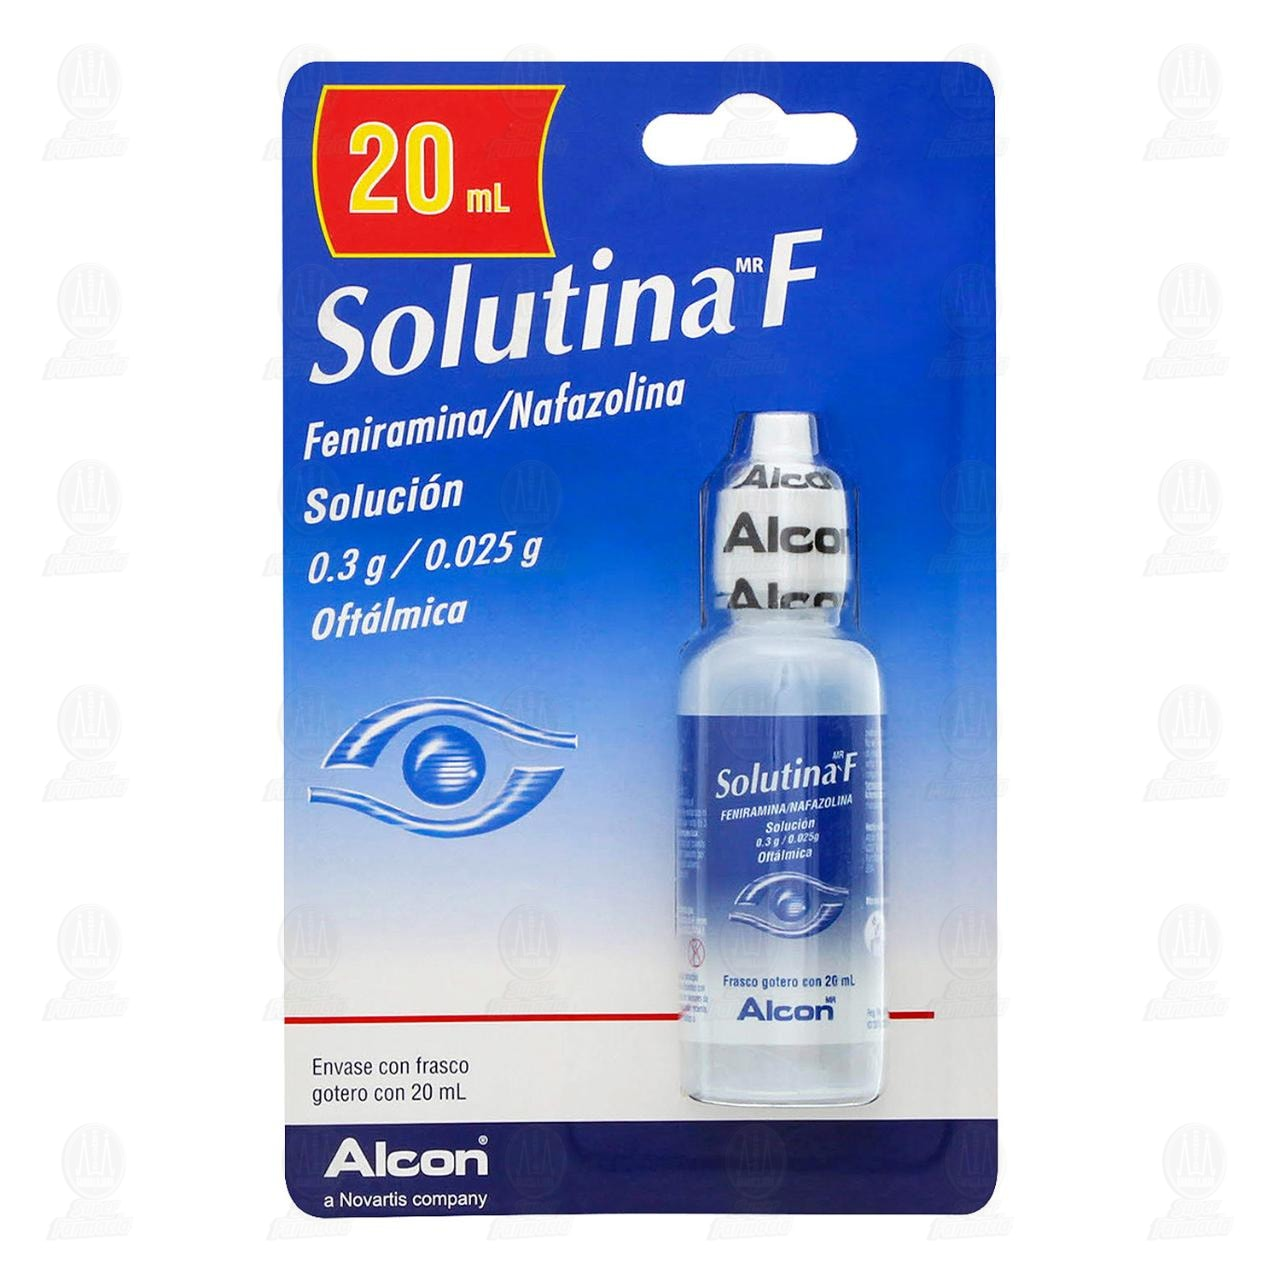 Comprar Solutina F 20ml Solución Gotas en Farmacias Guadalajara